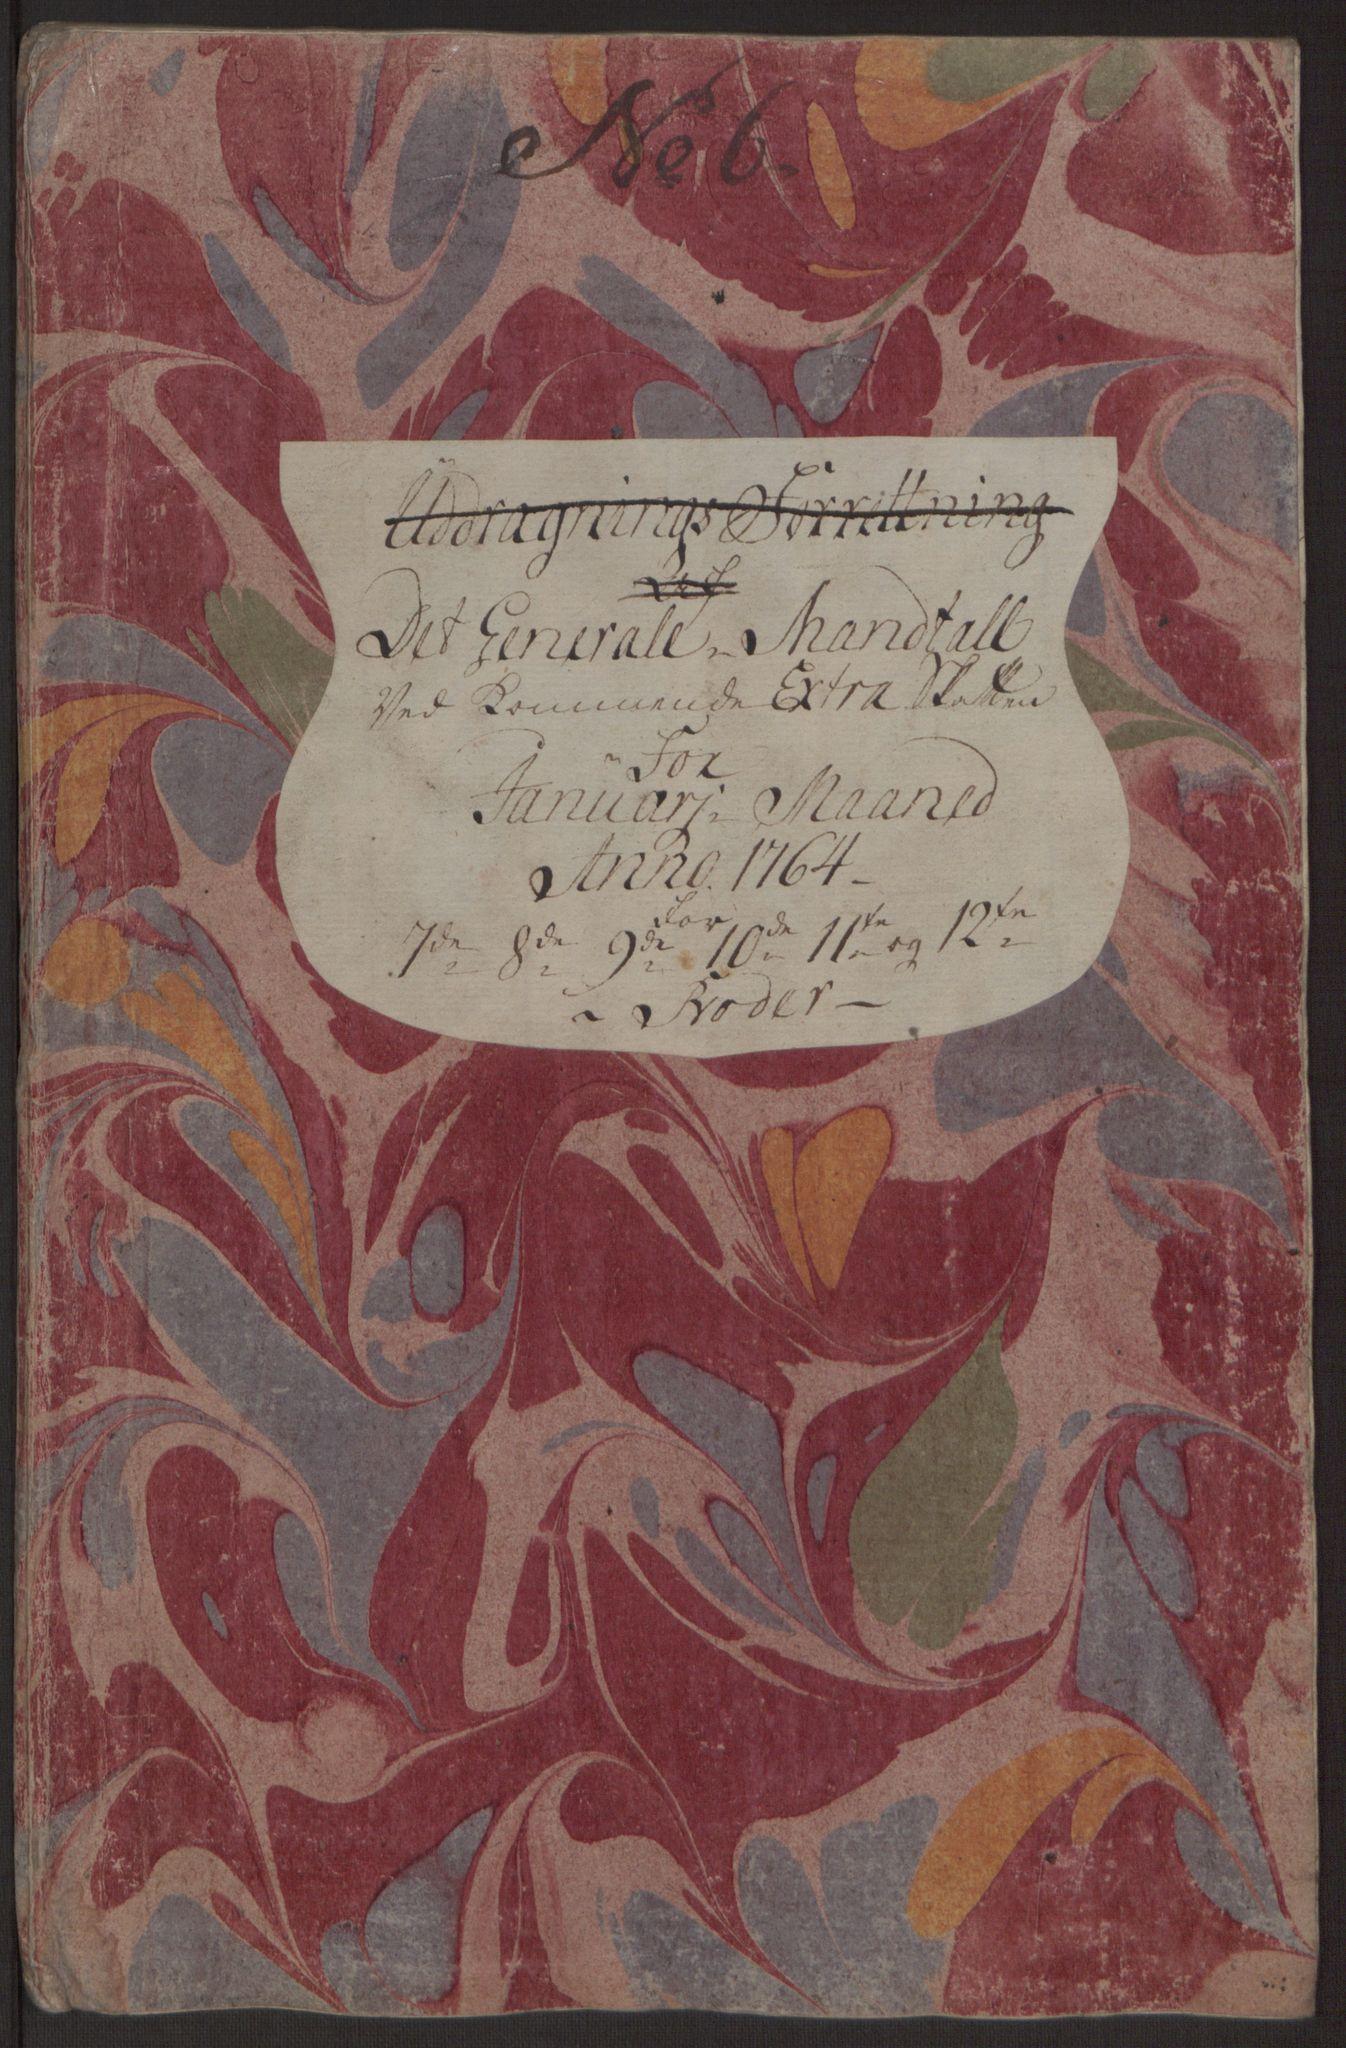 RA, Rentekammeret inntil 1814, Reviderte regnskaper, Byregnskaper, R/Rp/L0367: [P21] Kontribusjonsregnskap, 1764, s. 177